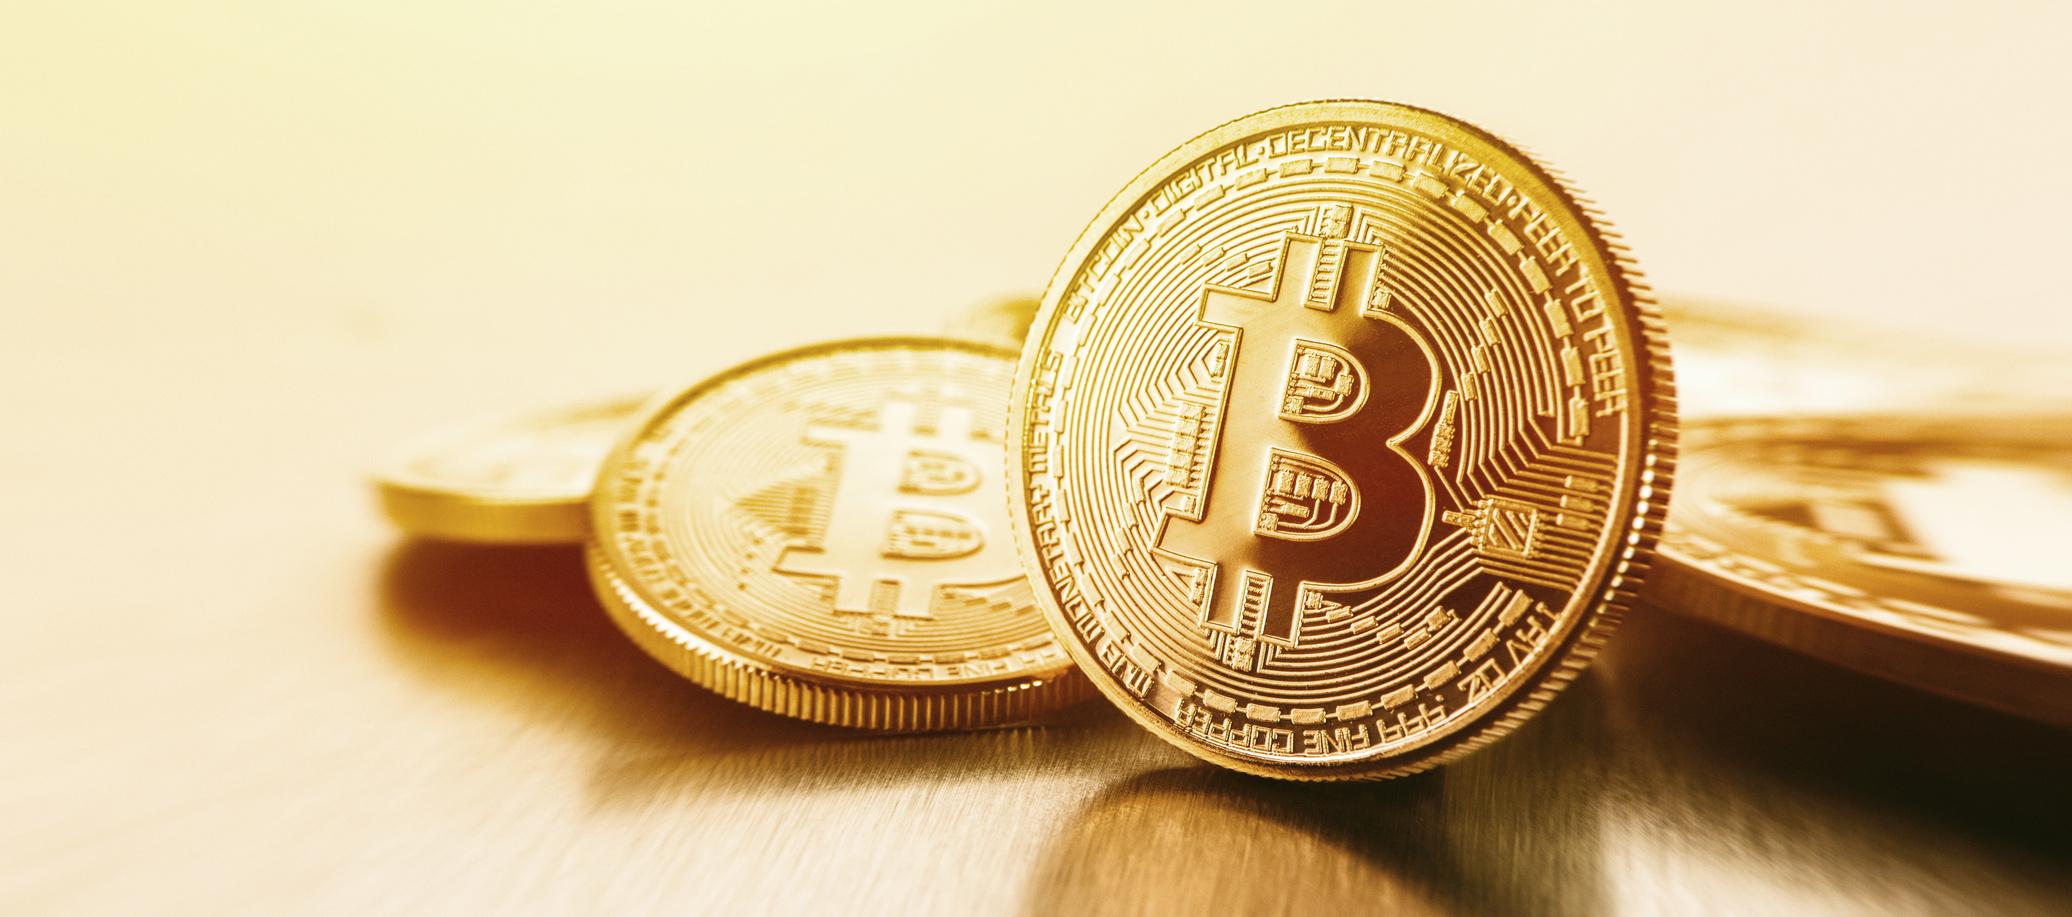 Erfahrungen Bitcoin – Ziel: Aktives und passives Einkommen